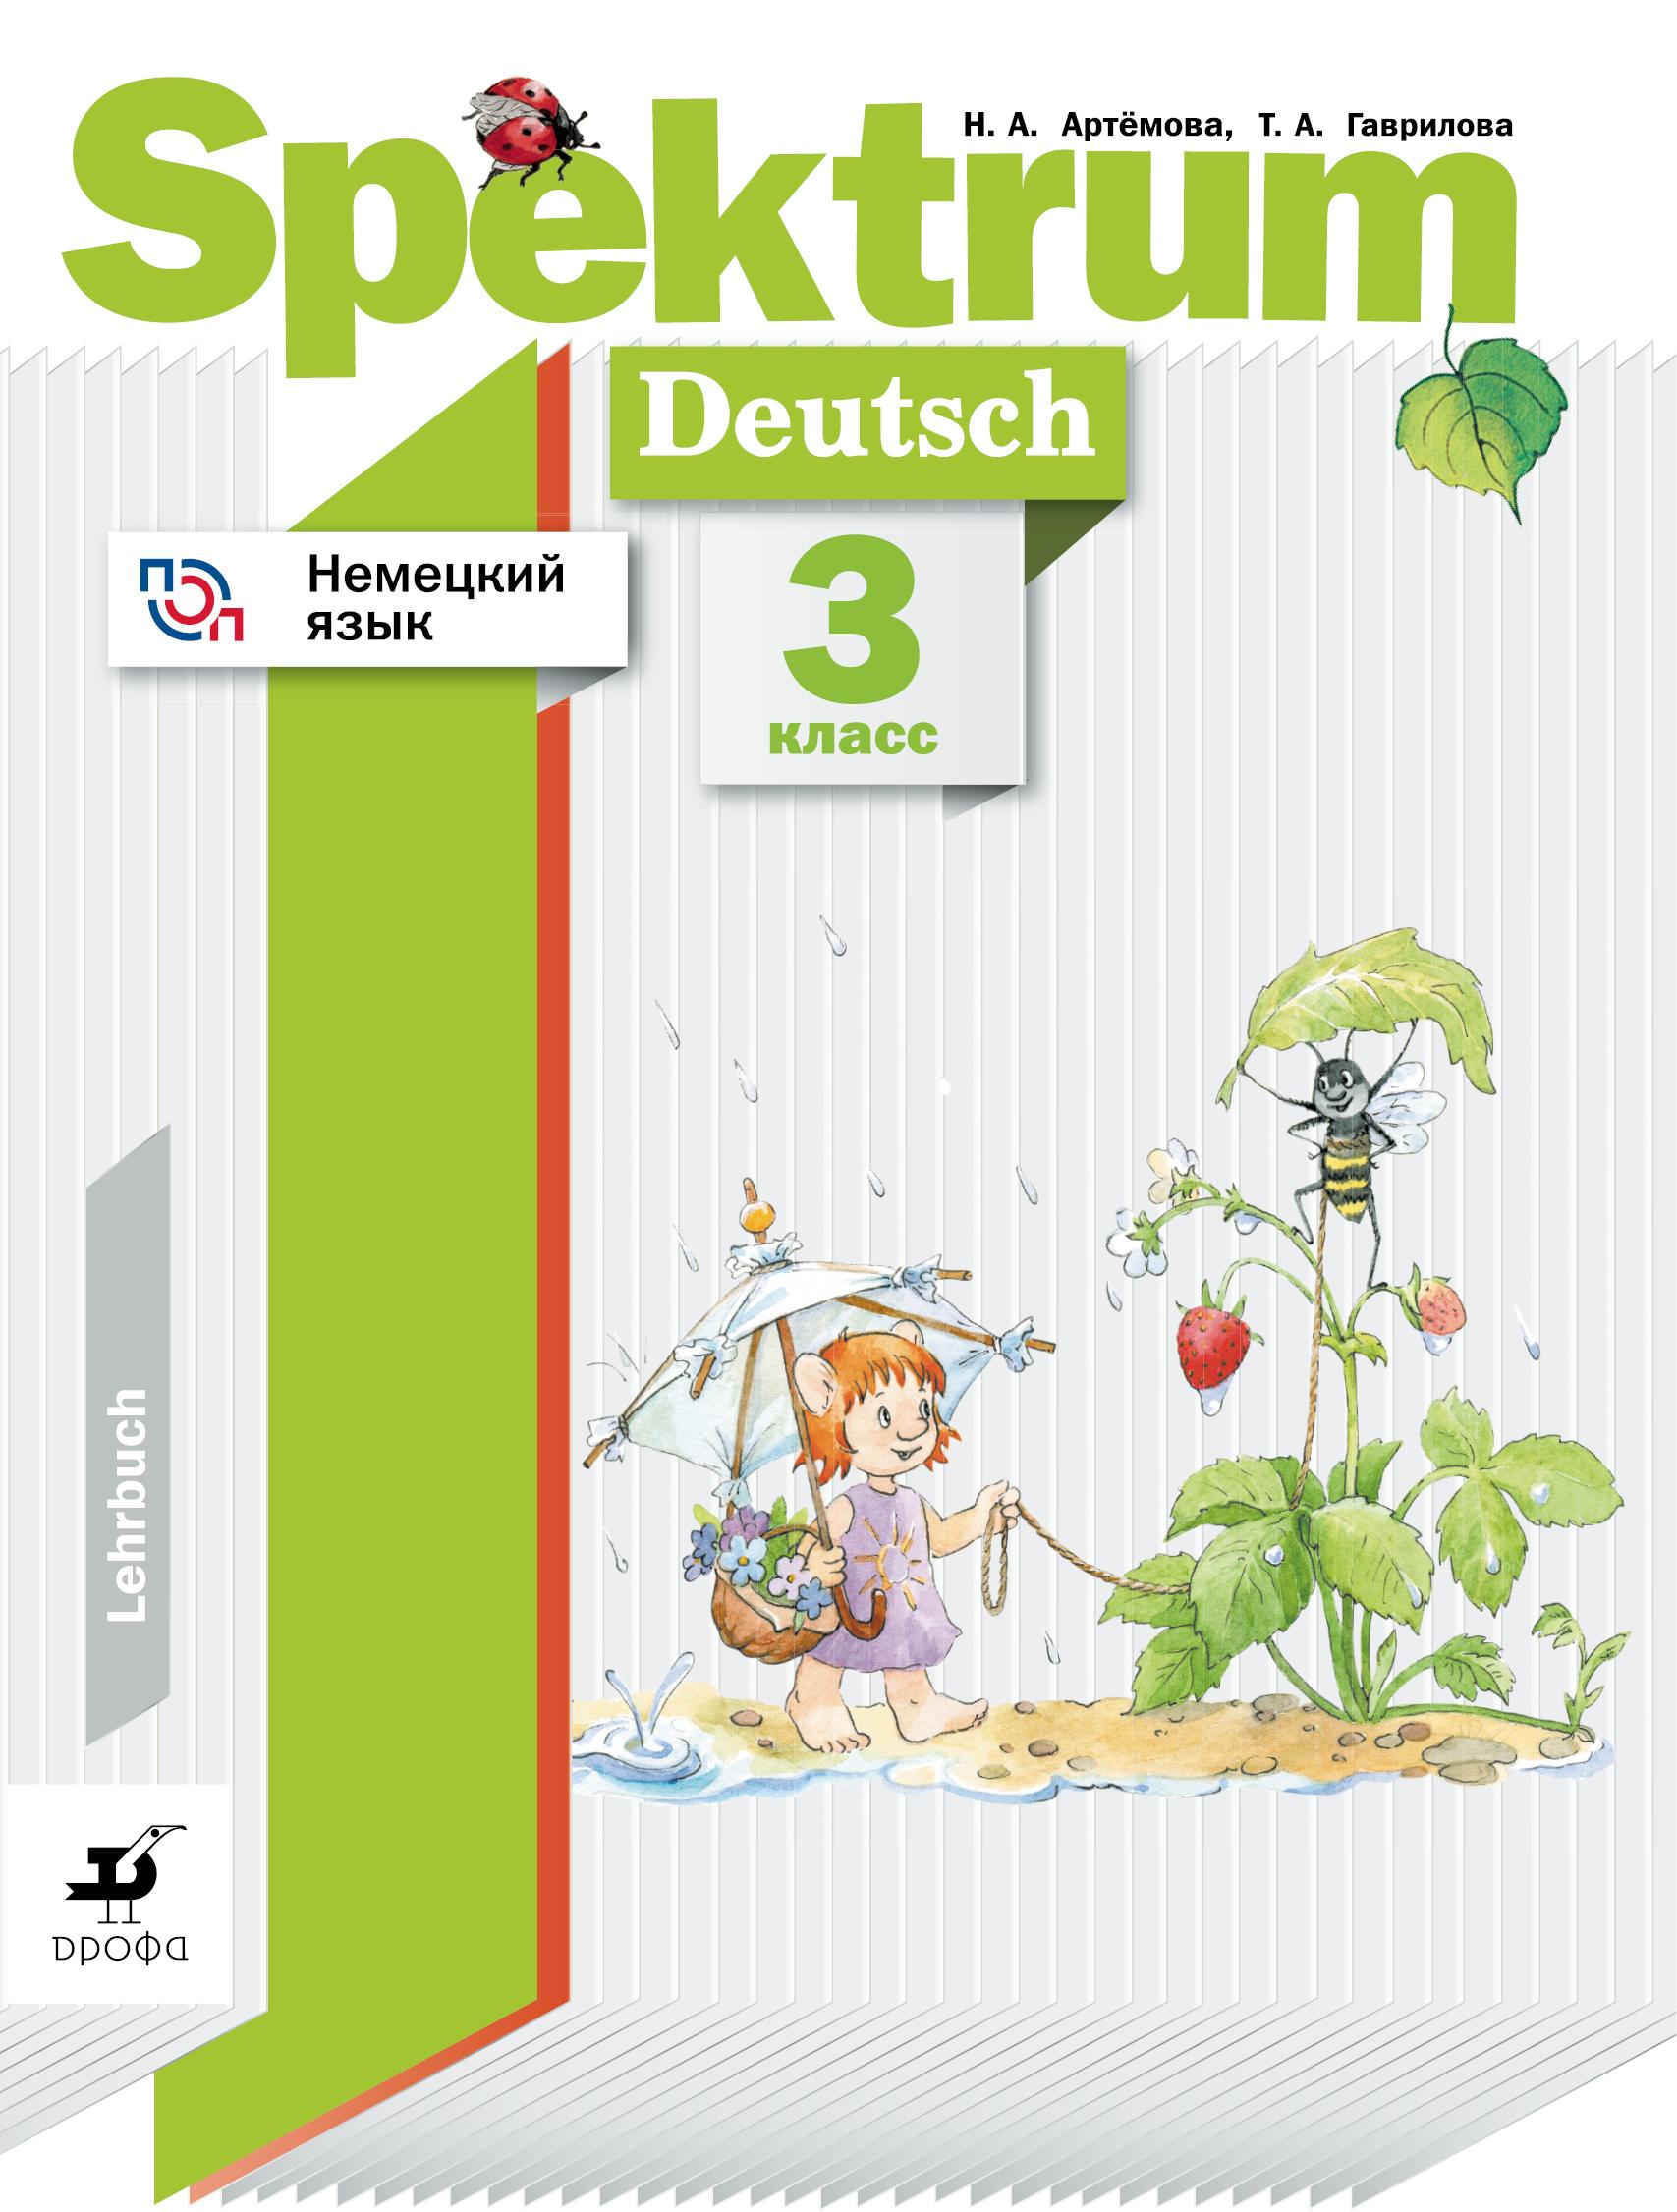 """Немецкий язык """"Spektrum"""". 3 класс. Аудиоприложение к учебнику Артёмова Гаврилова"""